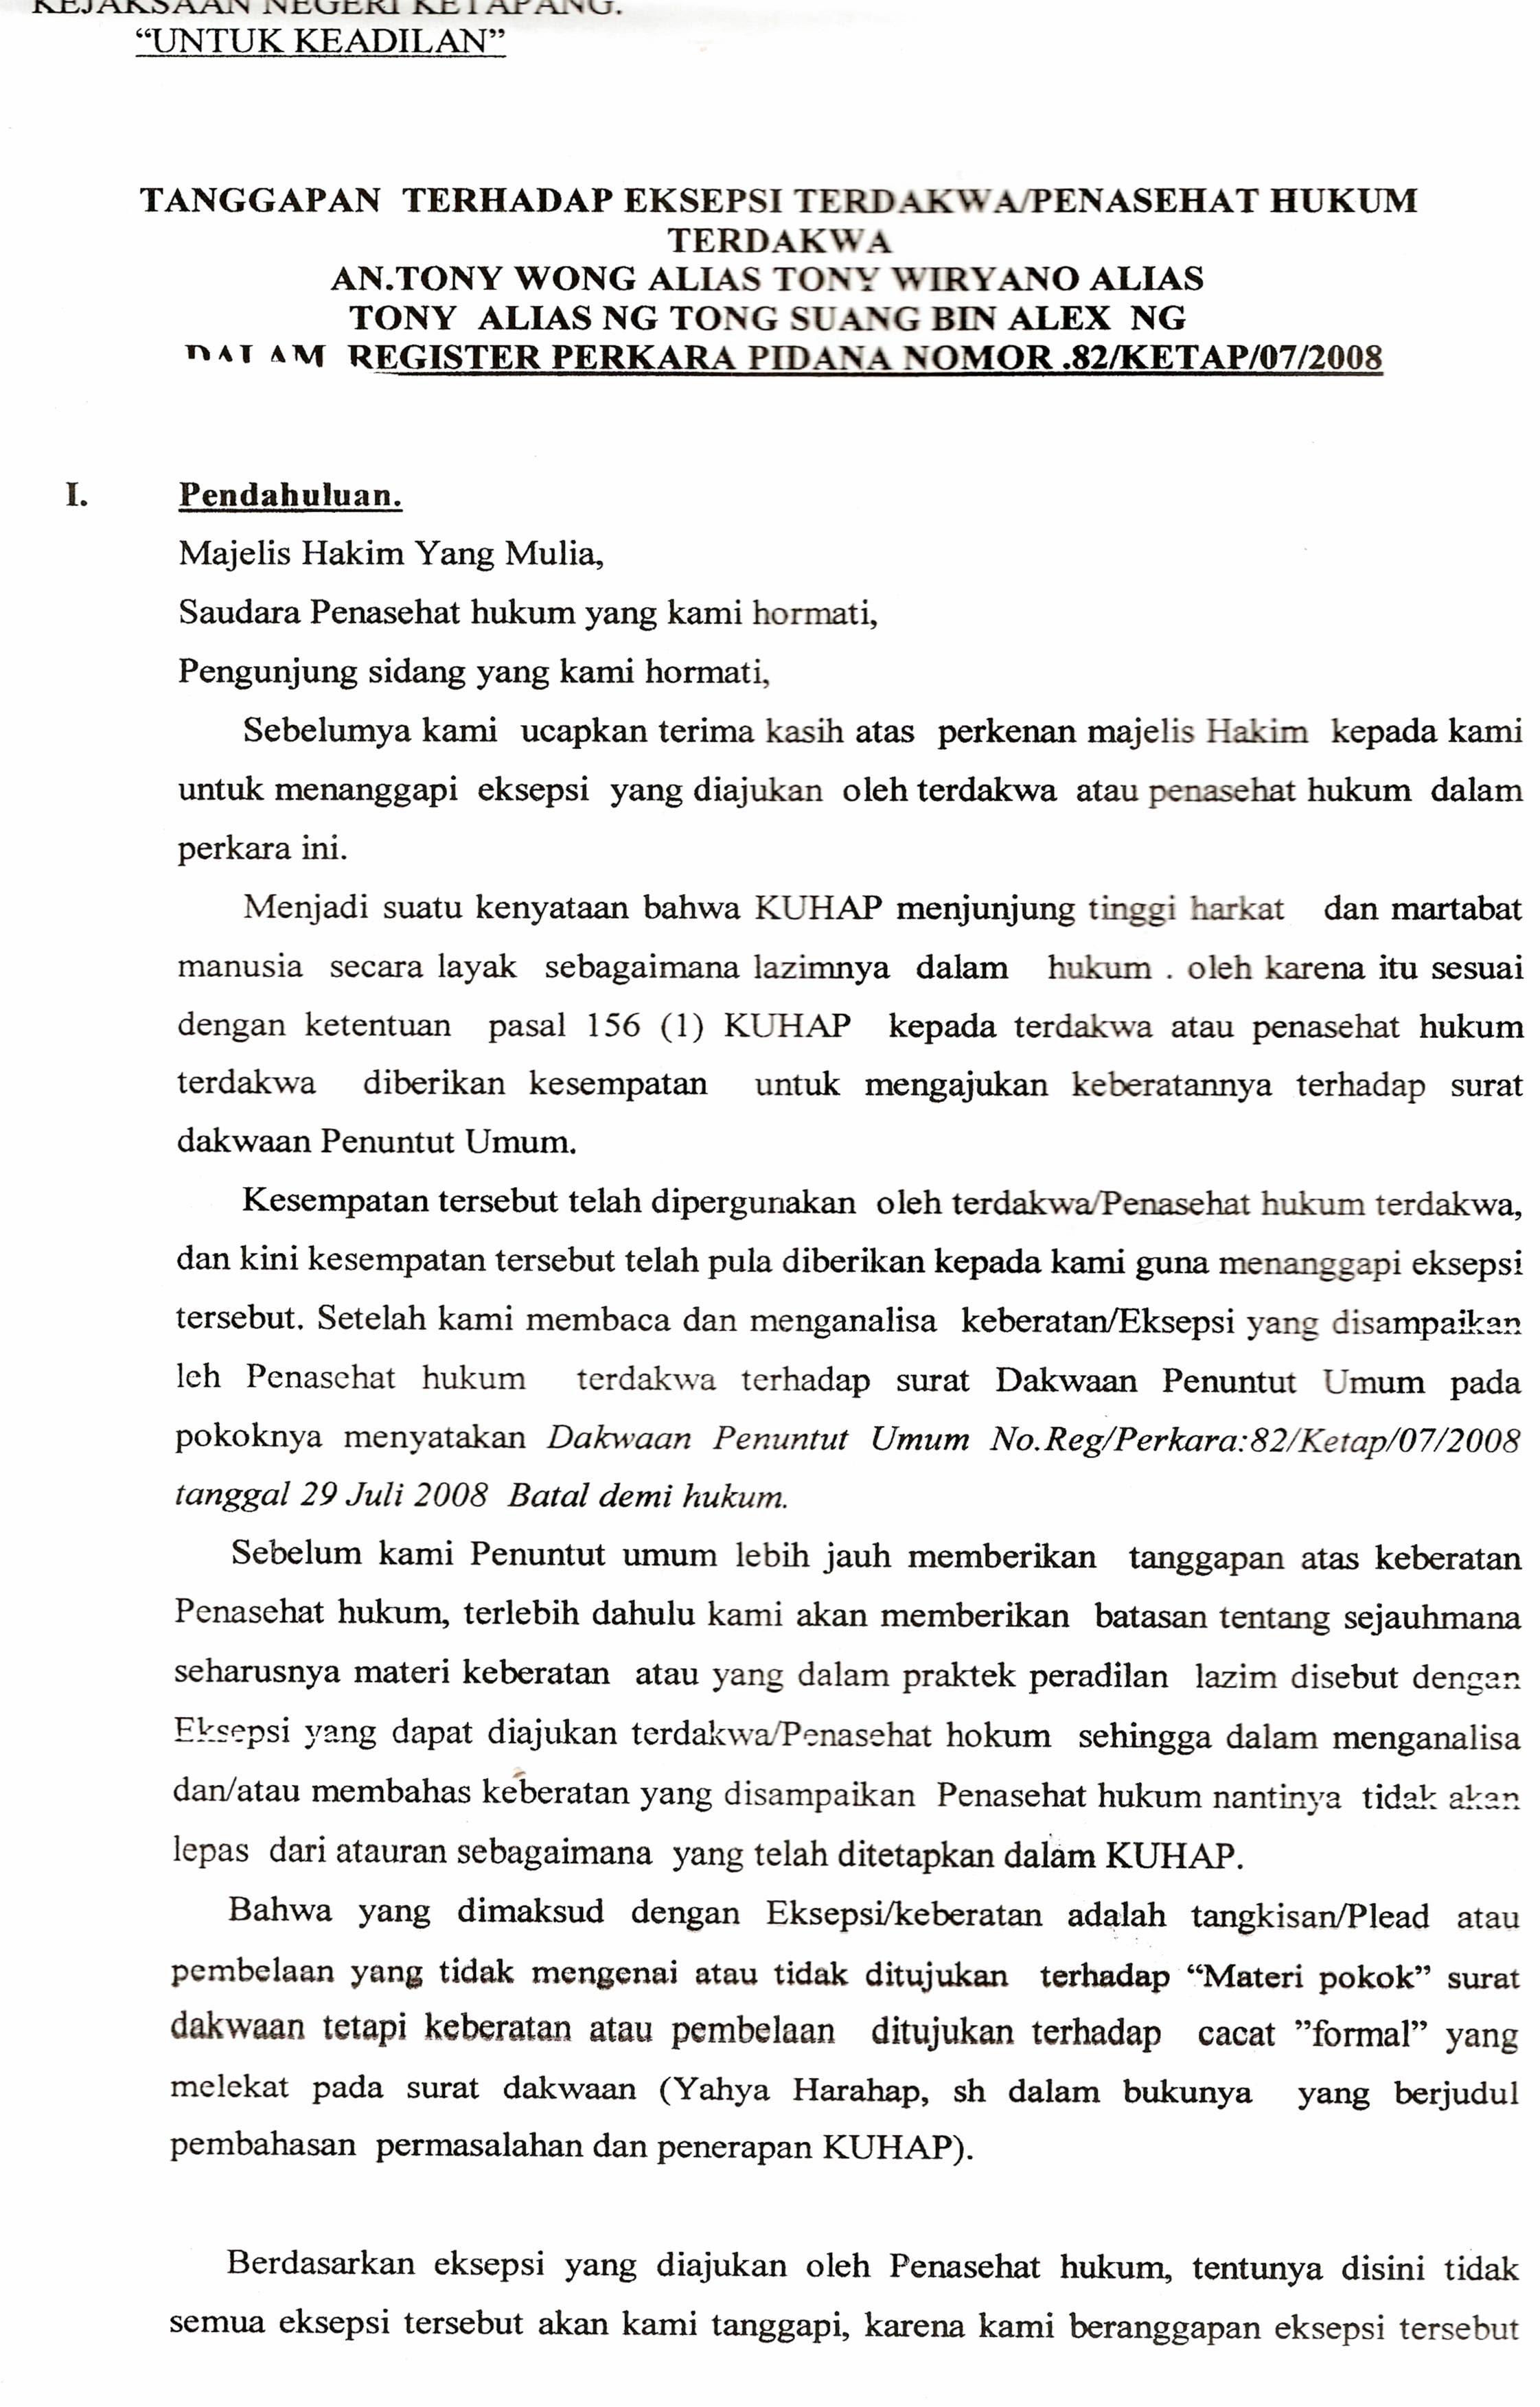 Syarat Surat Dakwaan Batal Demi Hukum